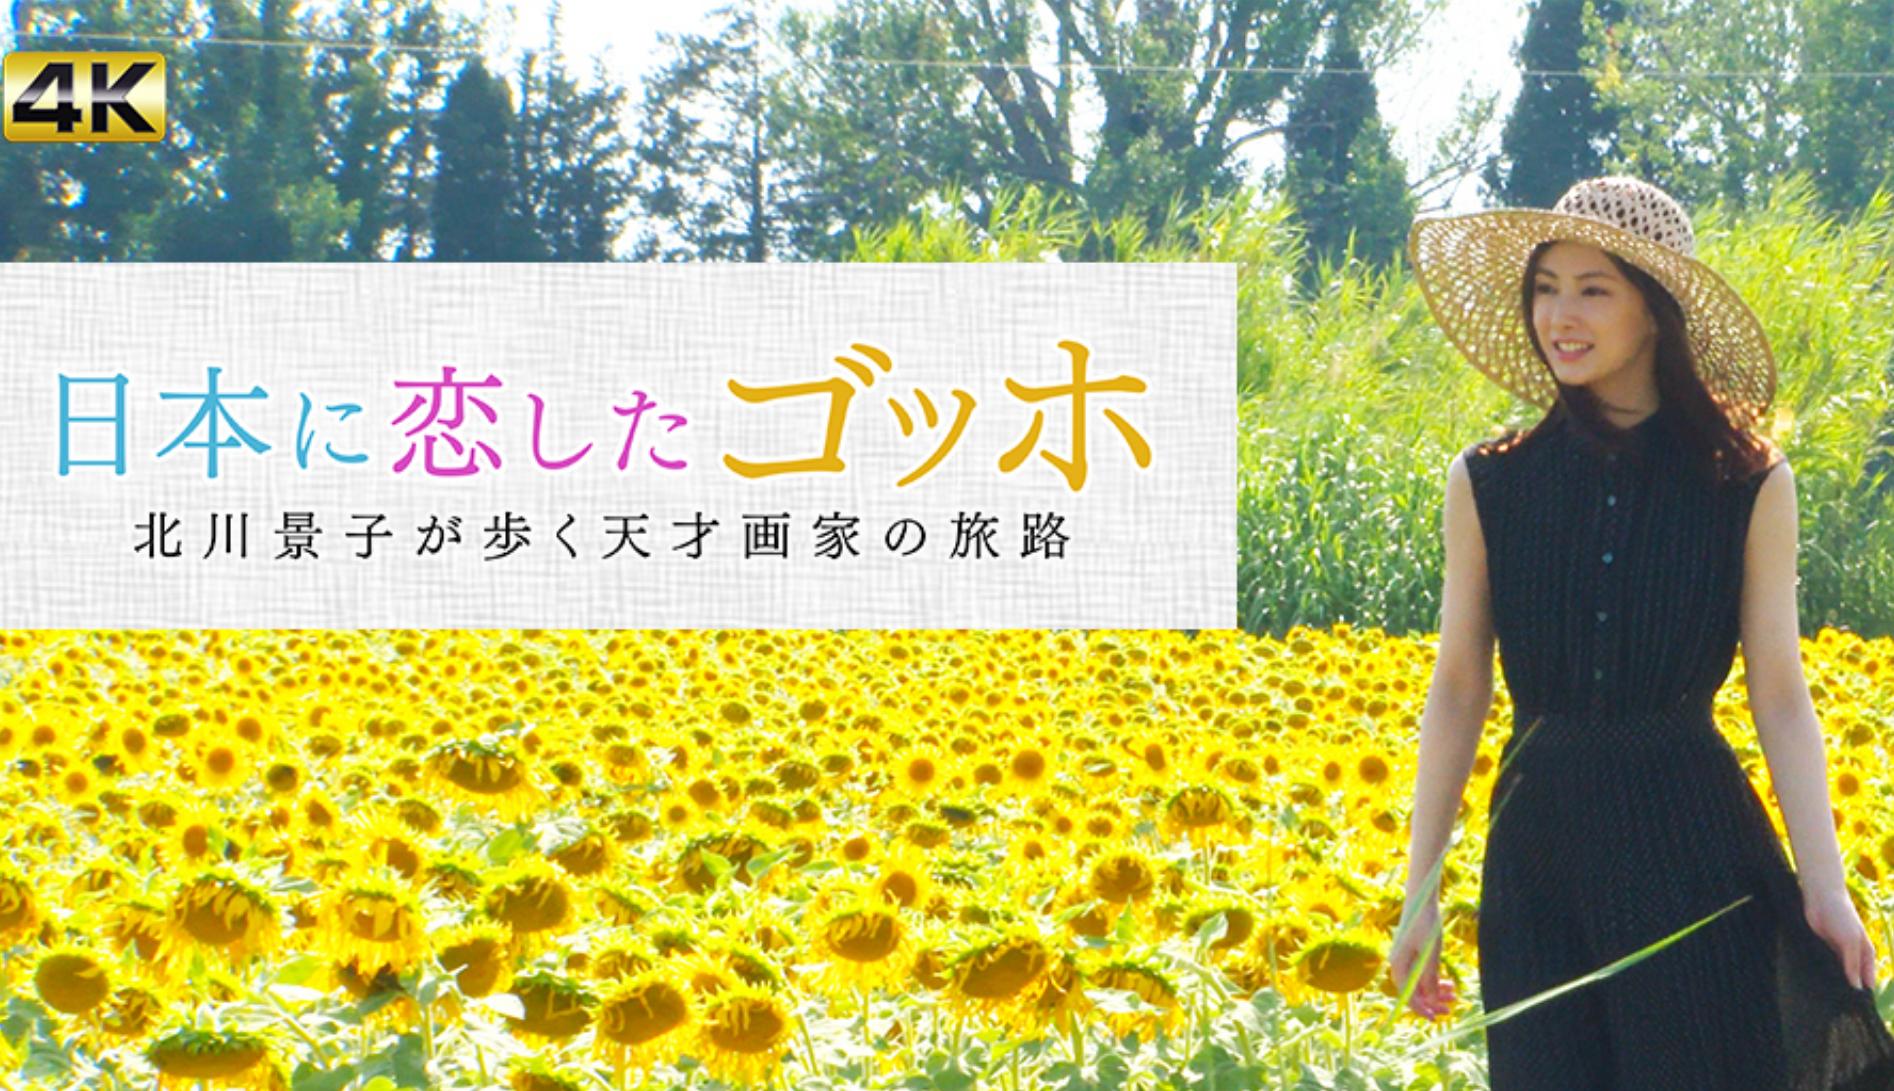 日本に恋したゴッホ~北川景子が歩く天才画家の旅路~